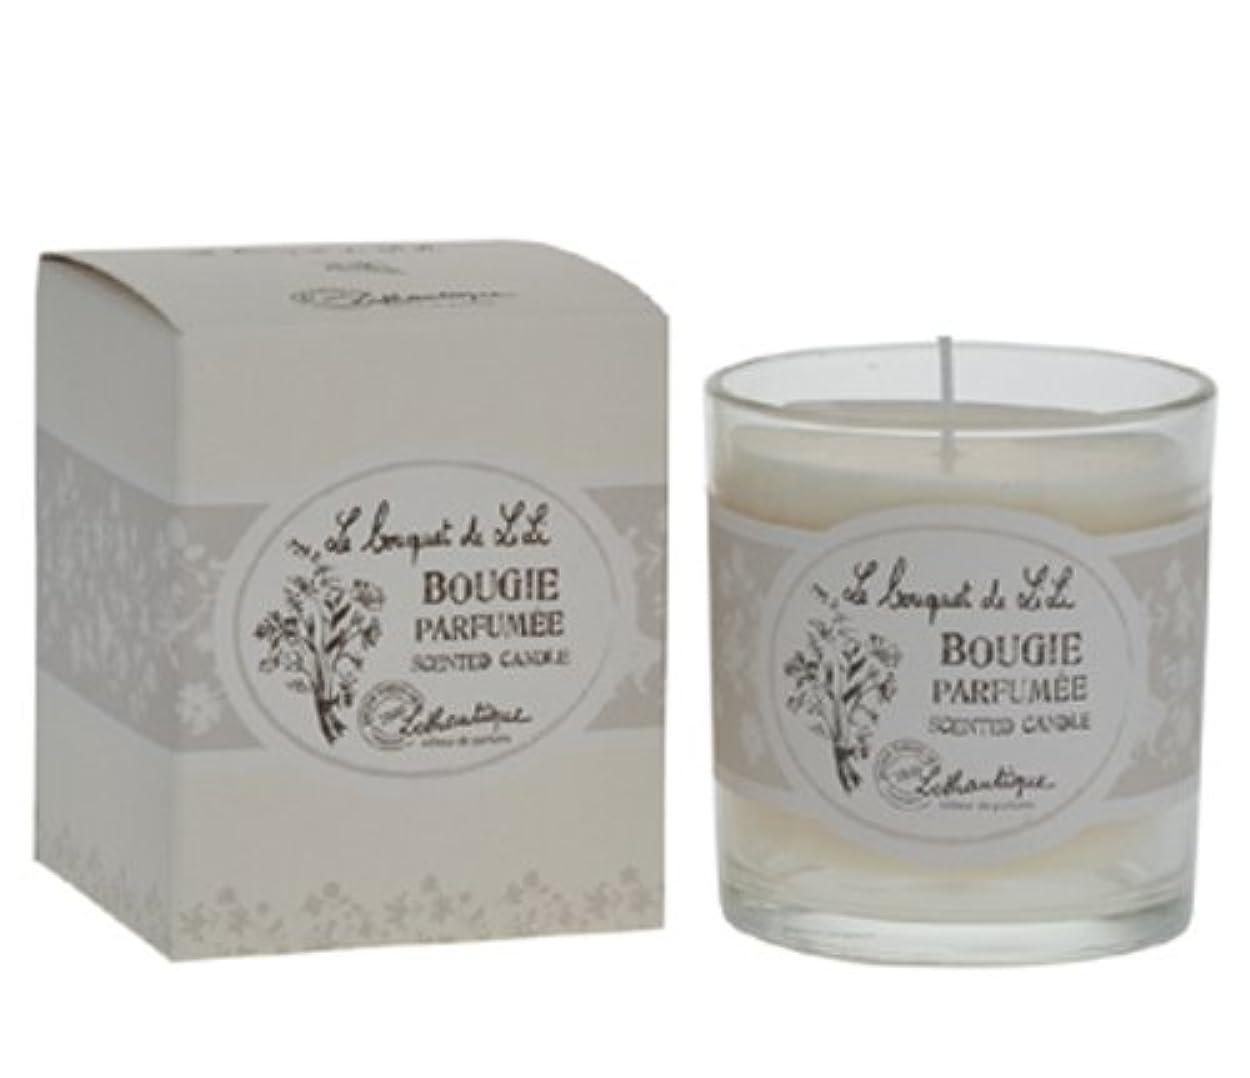 一時解雇するソブリケットいつでもLothantique(ロタンティック) Le bouquet de LiLi(ブーケドゥリリシリーズ) キャンドル 140g 3420070029065